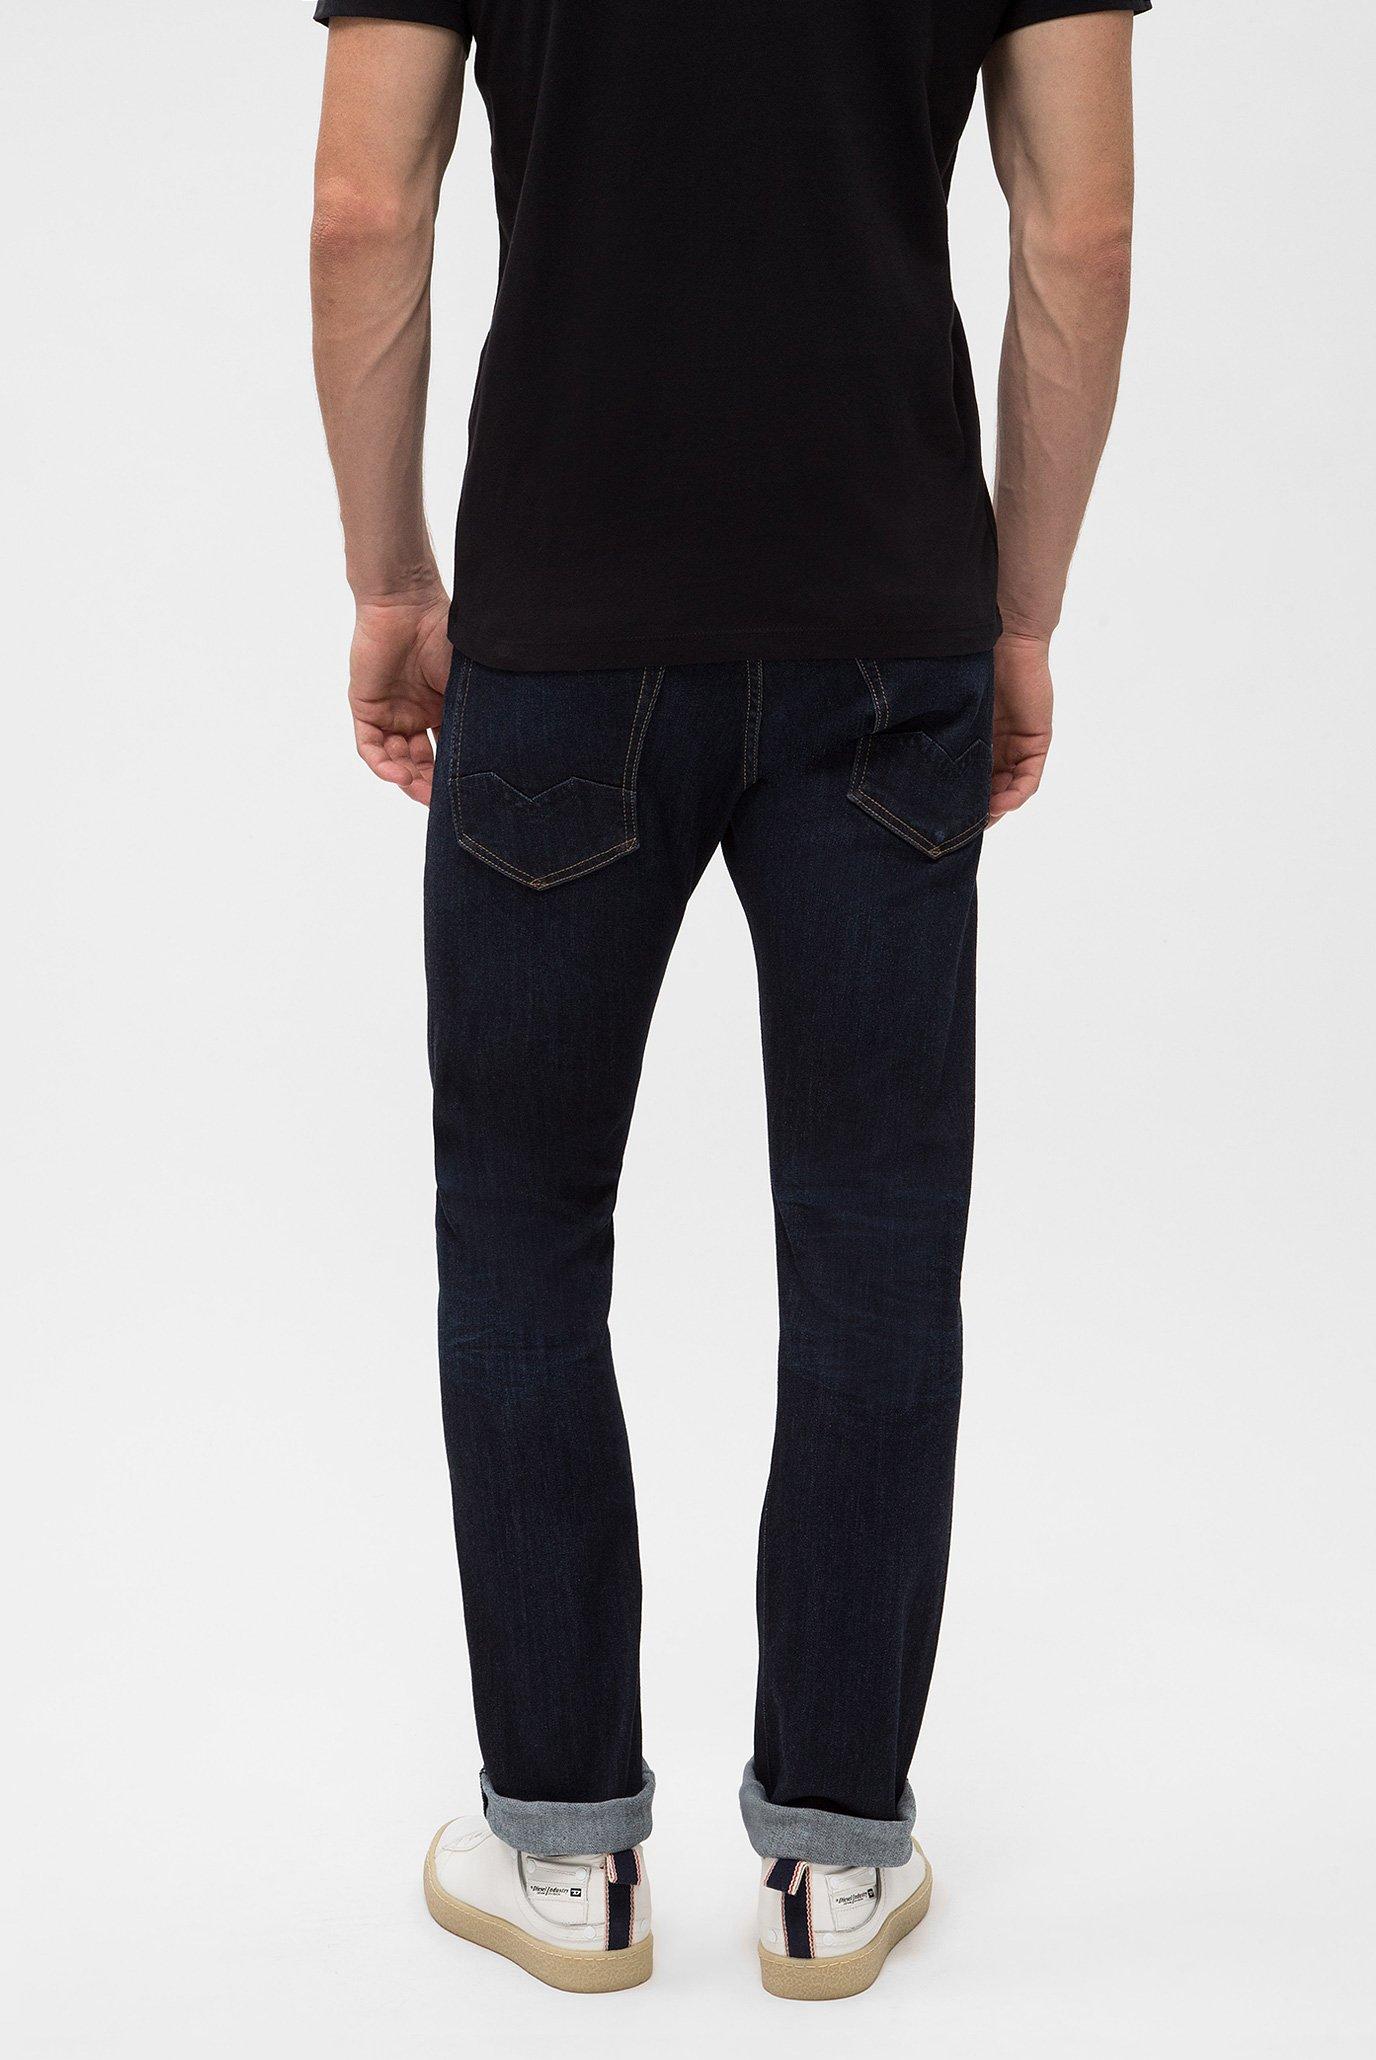 Купить Мужские темно-синие джинсы WAITOM Replay Replay M983  .000.573 320 – Киев, Украина. Цены в интернет магазине MD Fashion